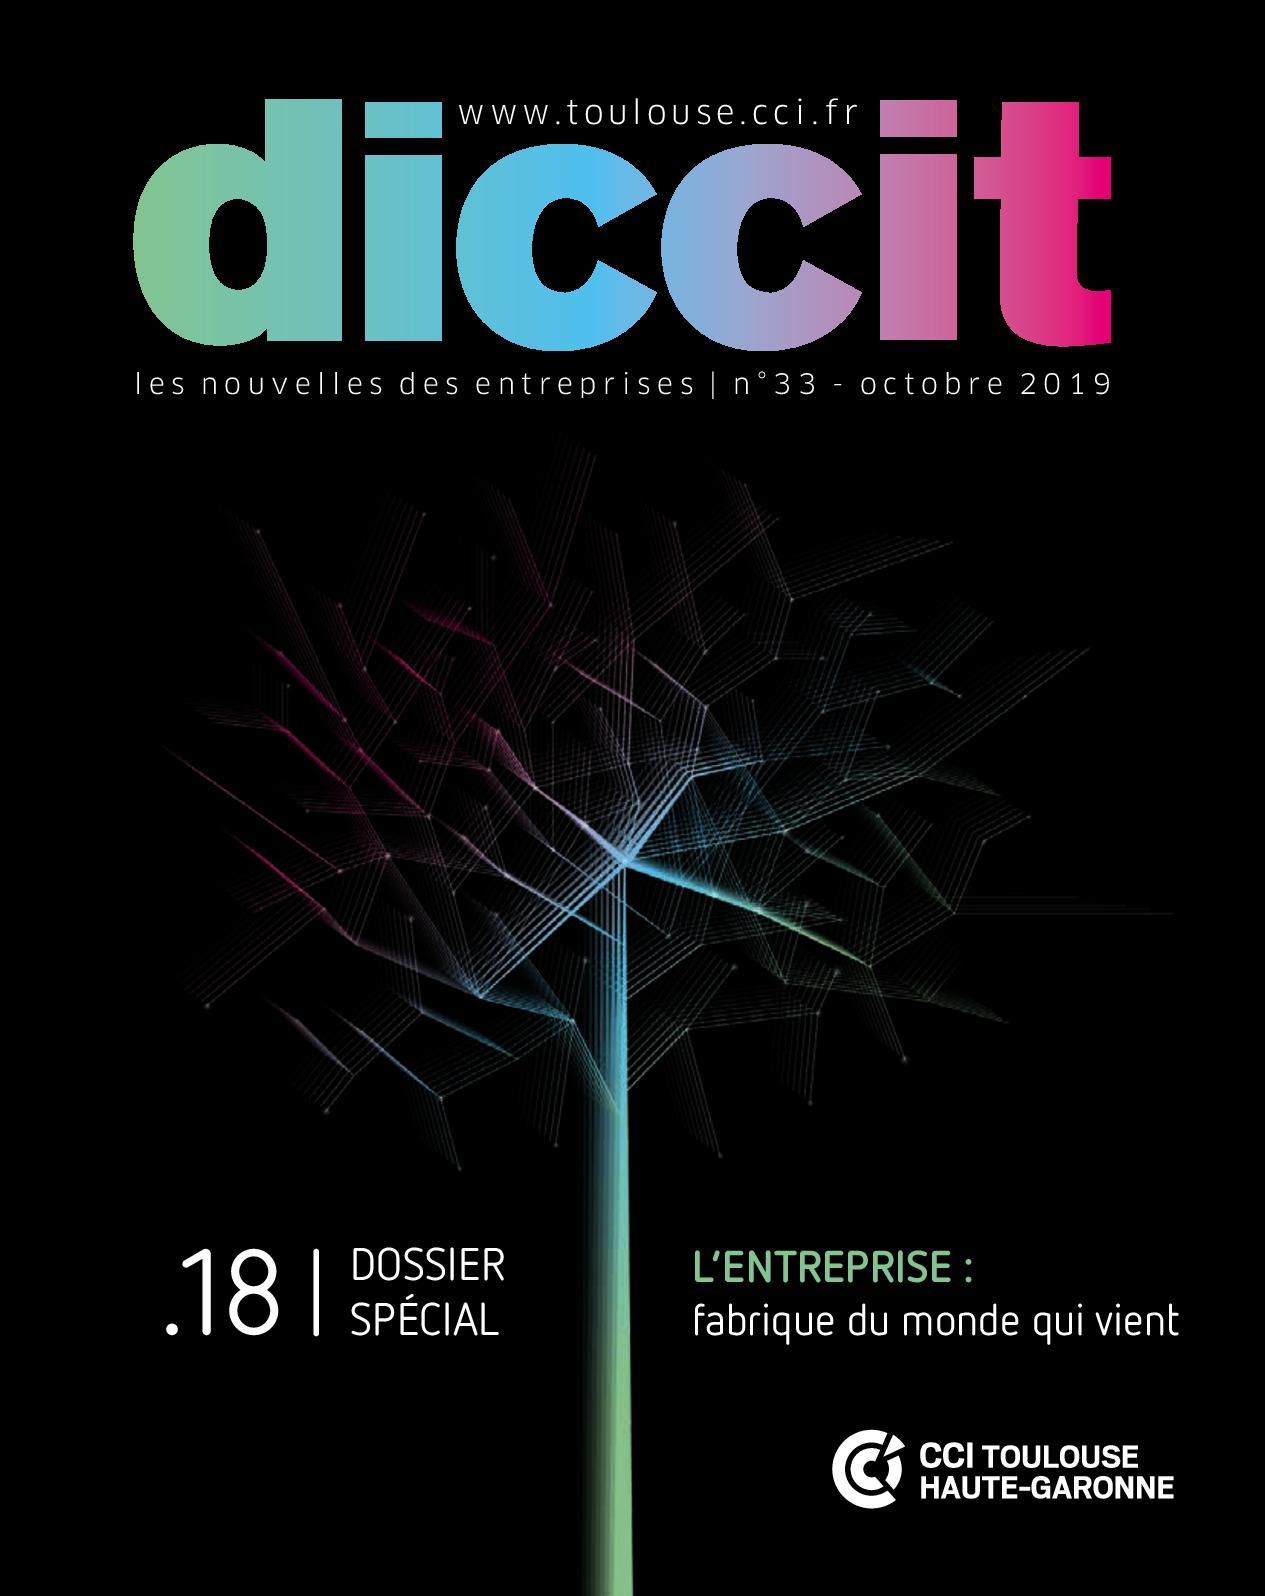 Jardinerie Pas Cher Toulouse calaméo - diccit n°33 - octobre 2019